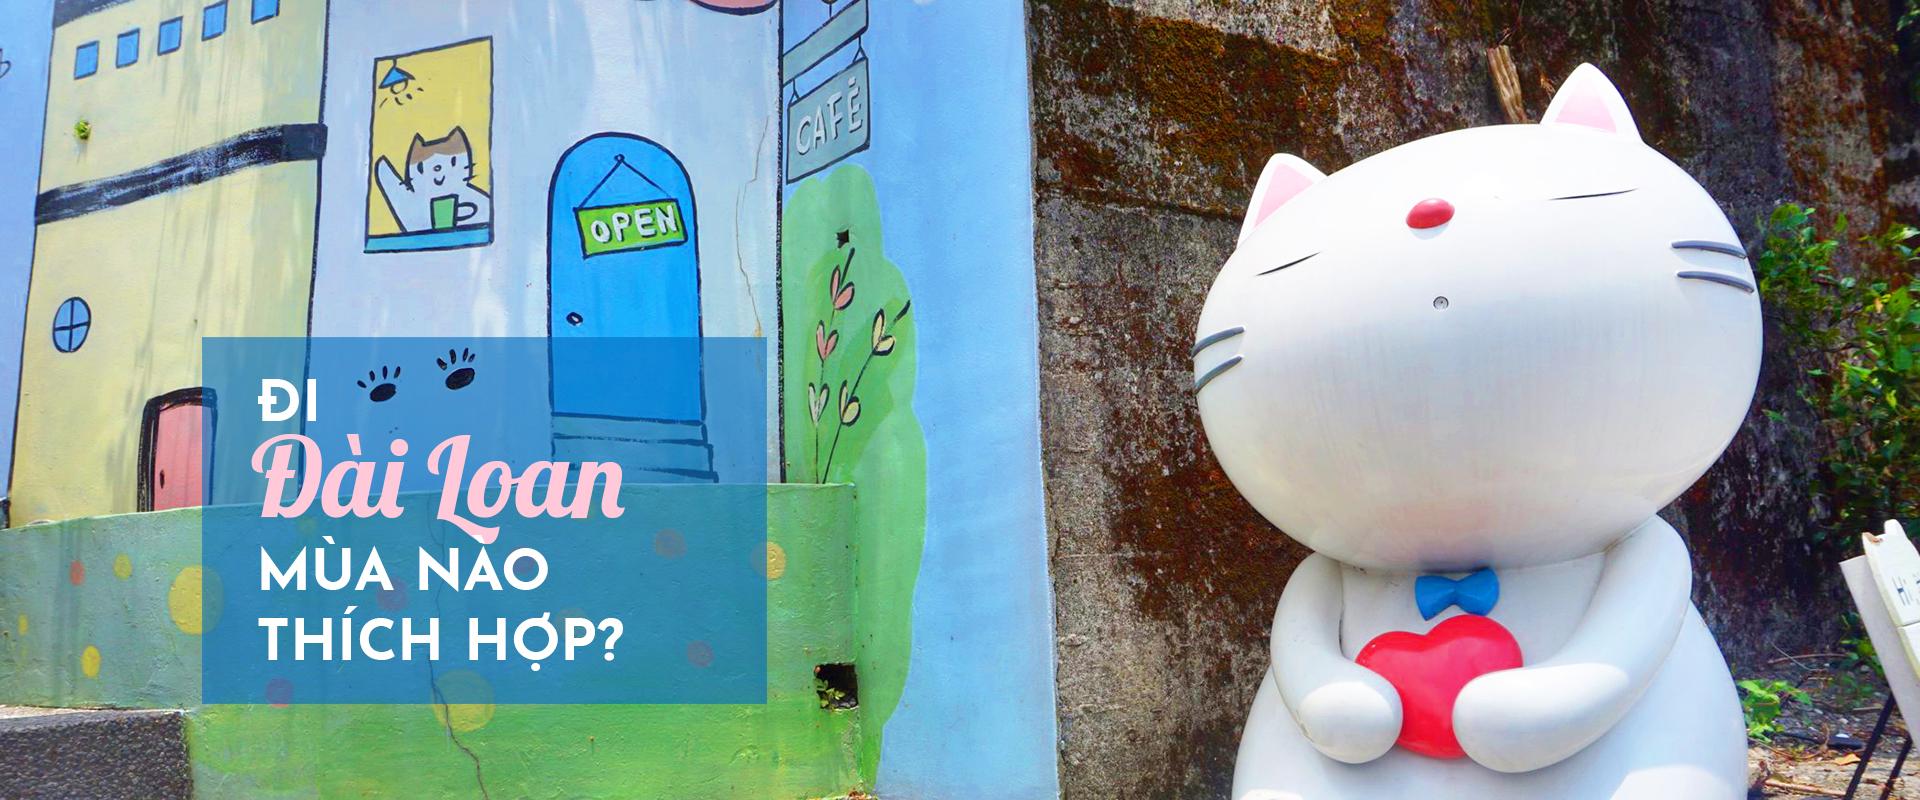 Đi du lịch bụi ở Đài Loan mùa nào thích hợp?